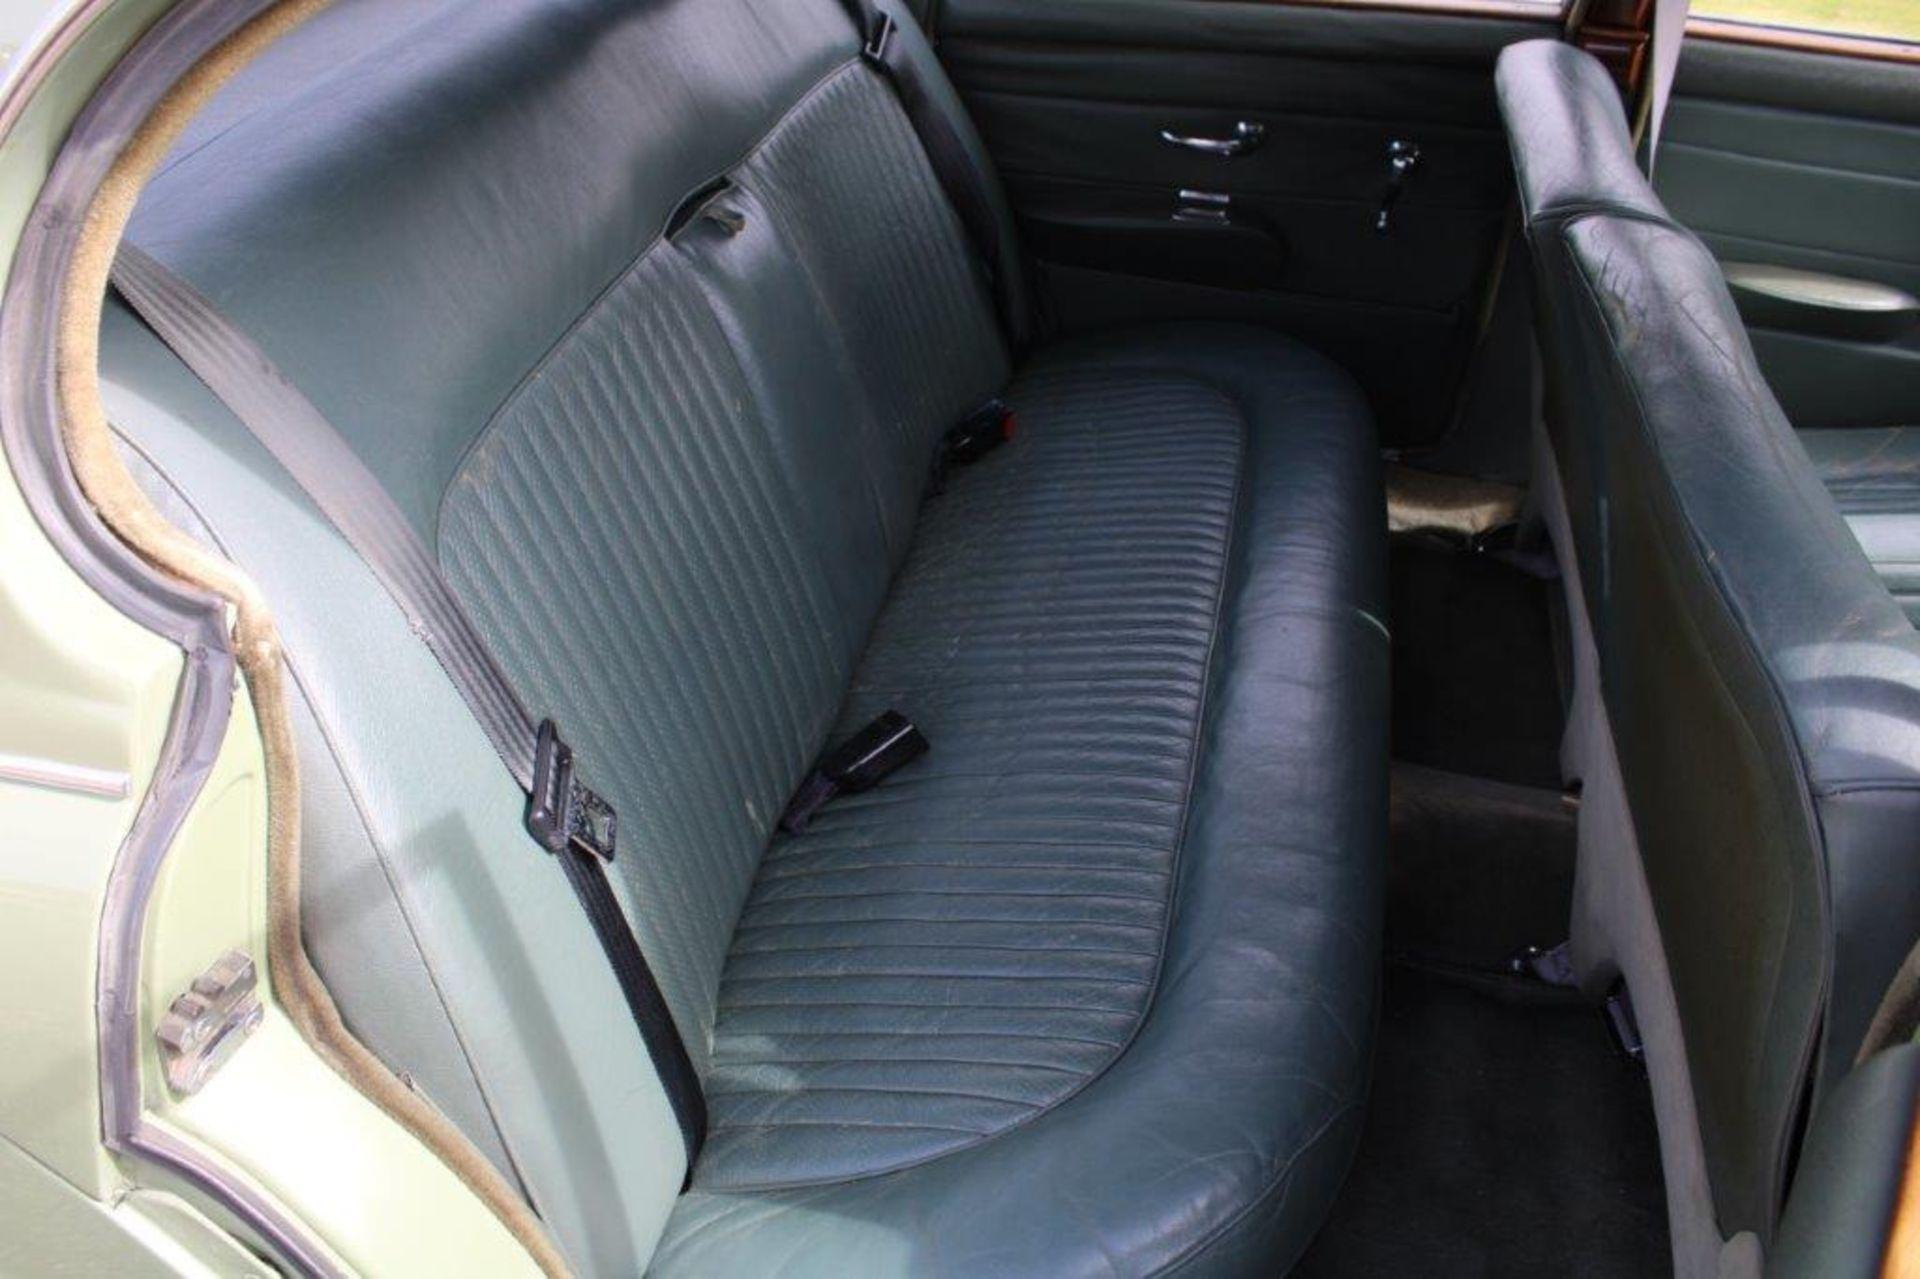 1968 Daimler V8 250 Auto - Image 14 of 30